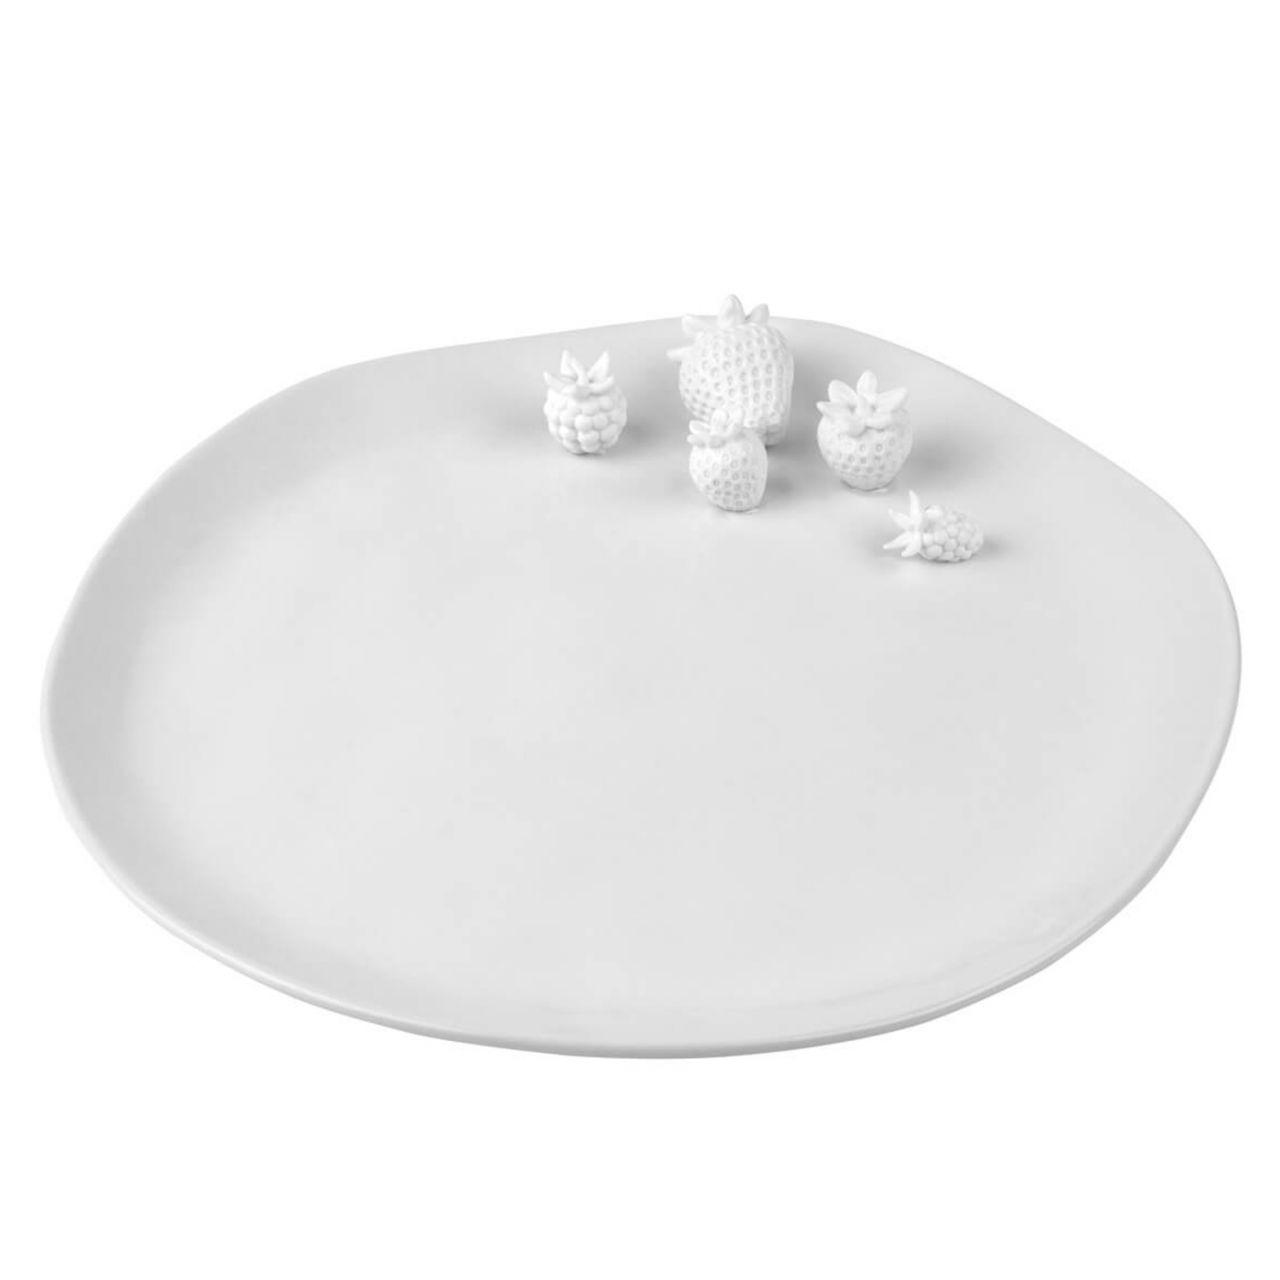 Räder Design - Dining Teller Obst 0014507